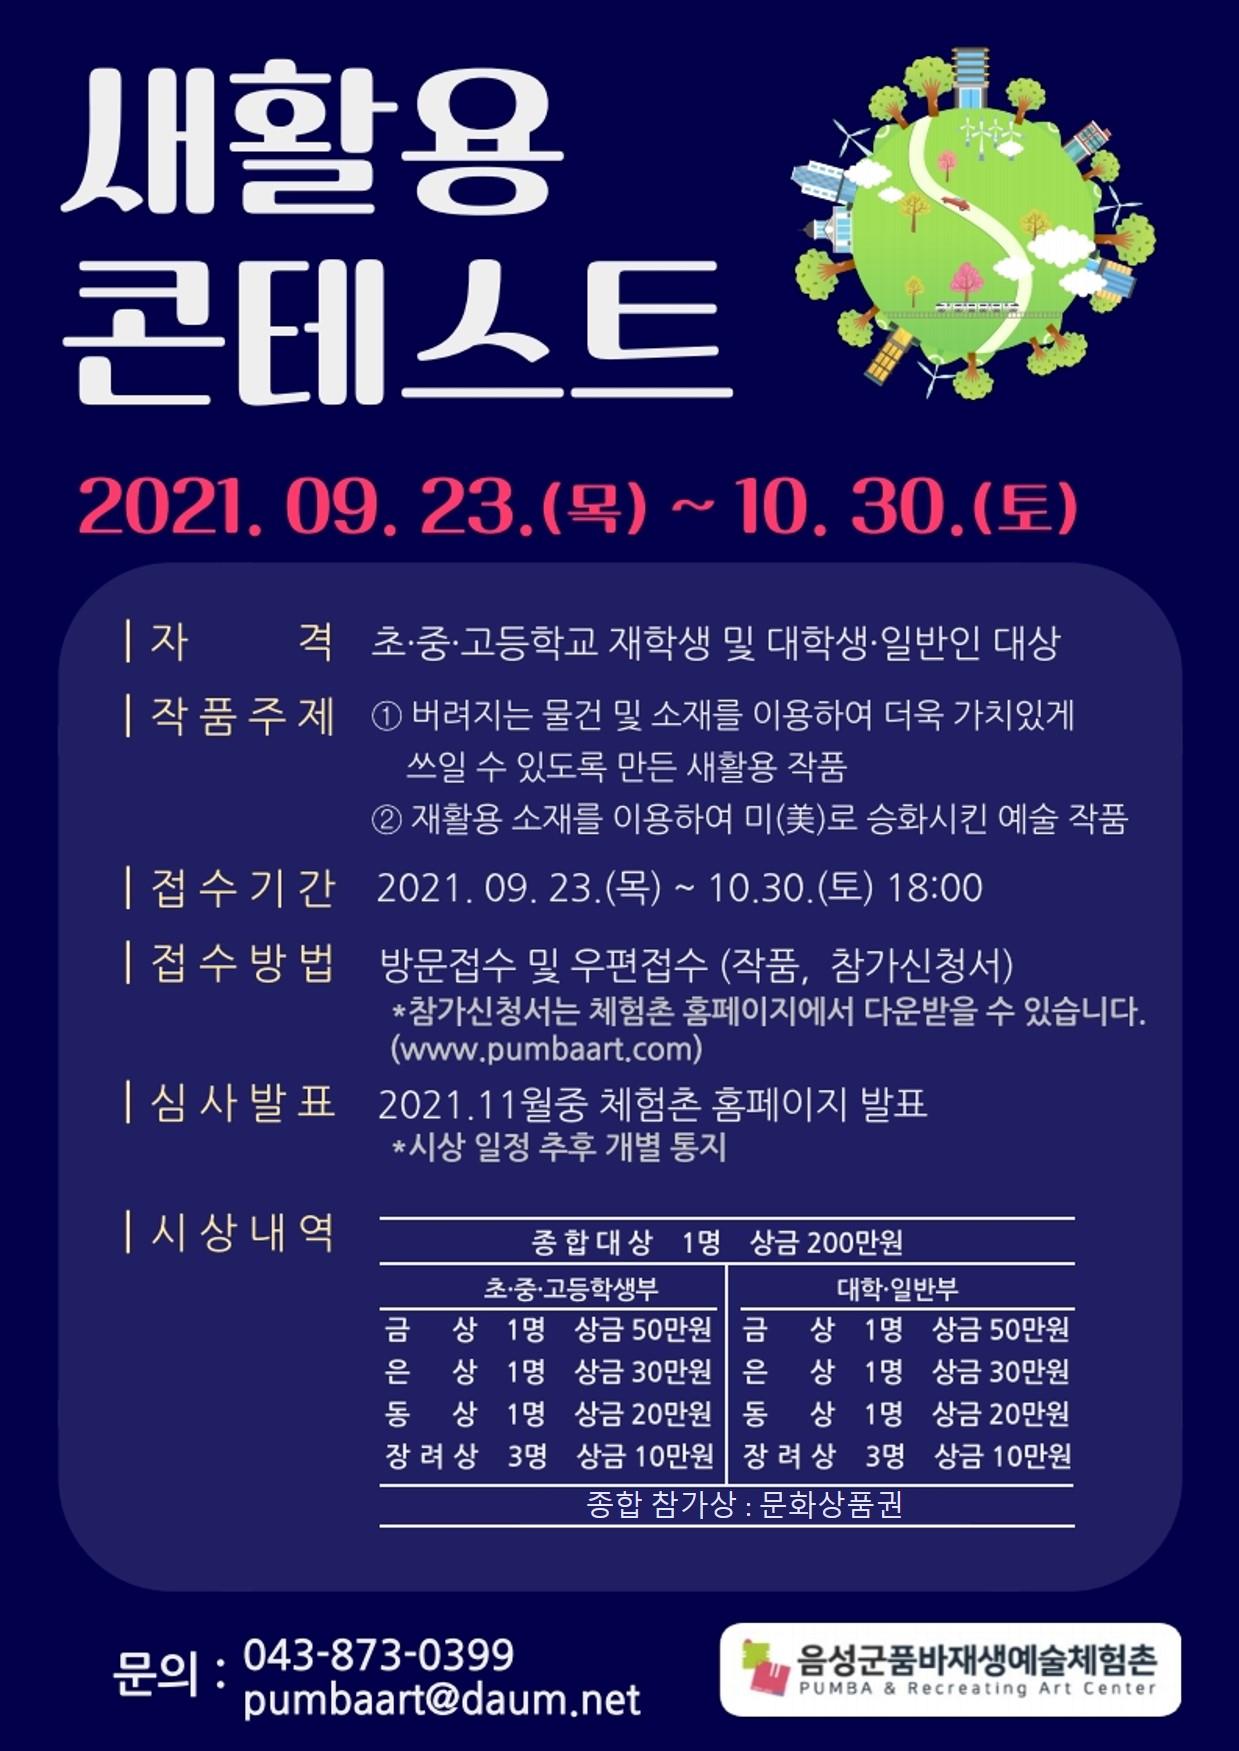 2021년 품바재생예술체험촌 새활용 콘테스트